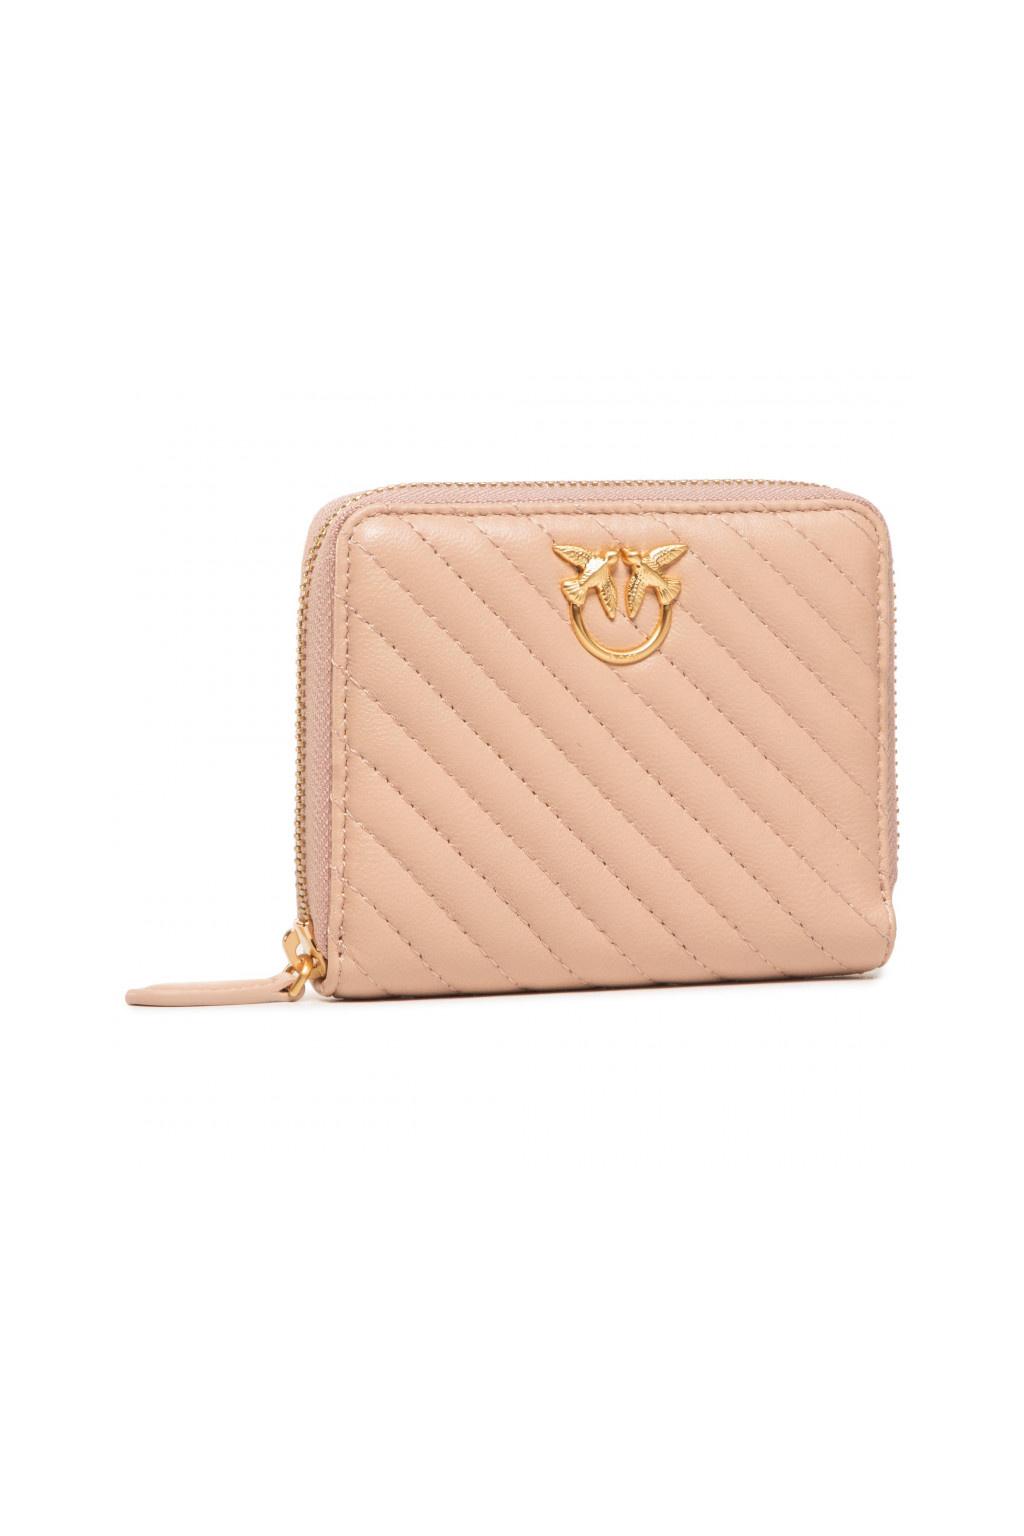 1P21U7 Y6KT Q19 Dámská peněženka Pinko Taylor Wallet Zip Around m v růžová